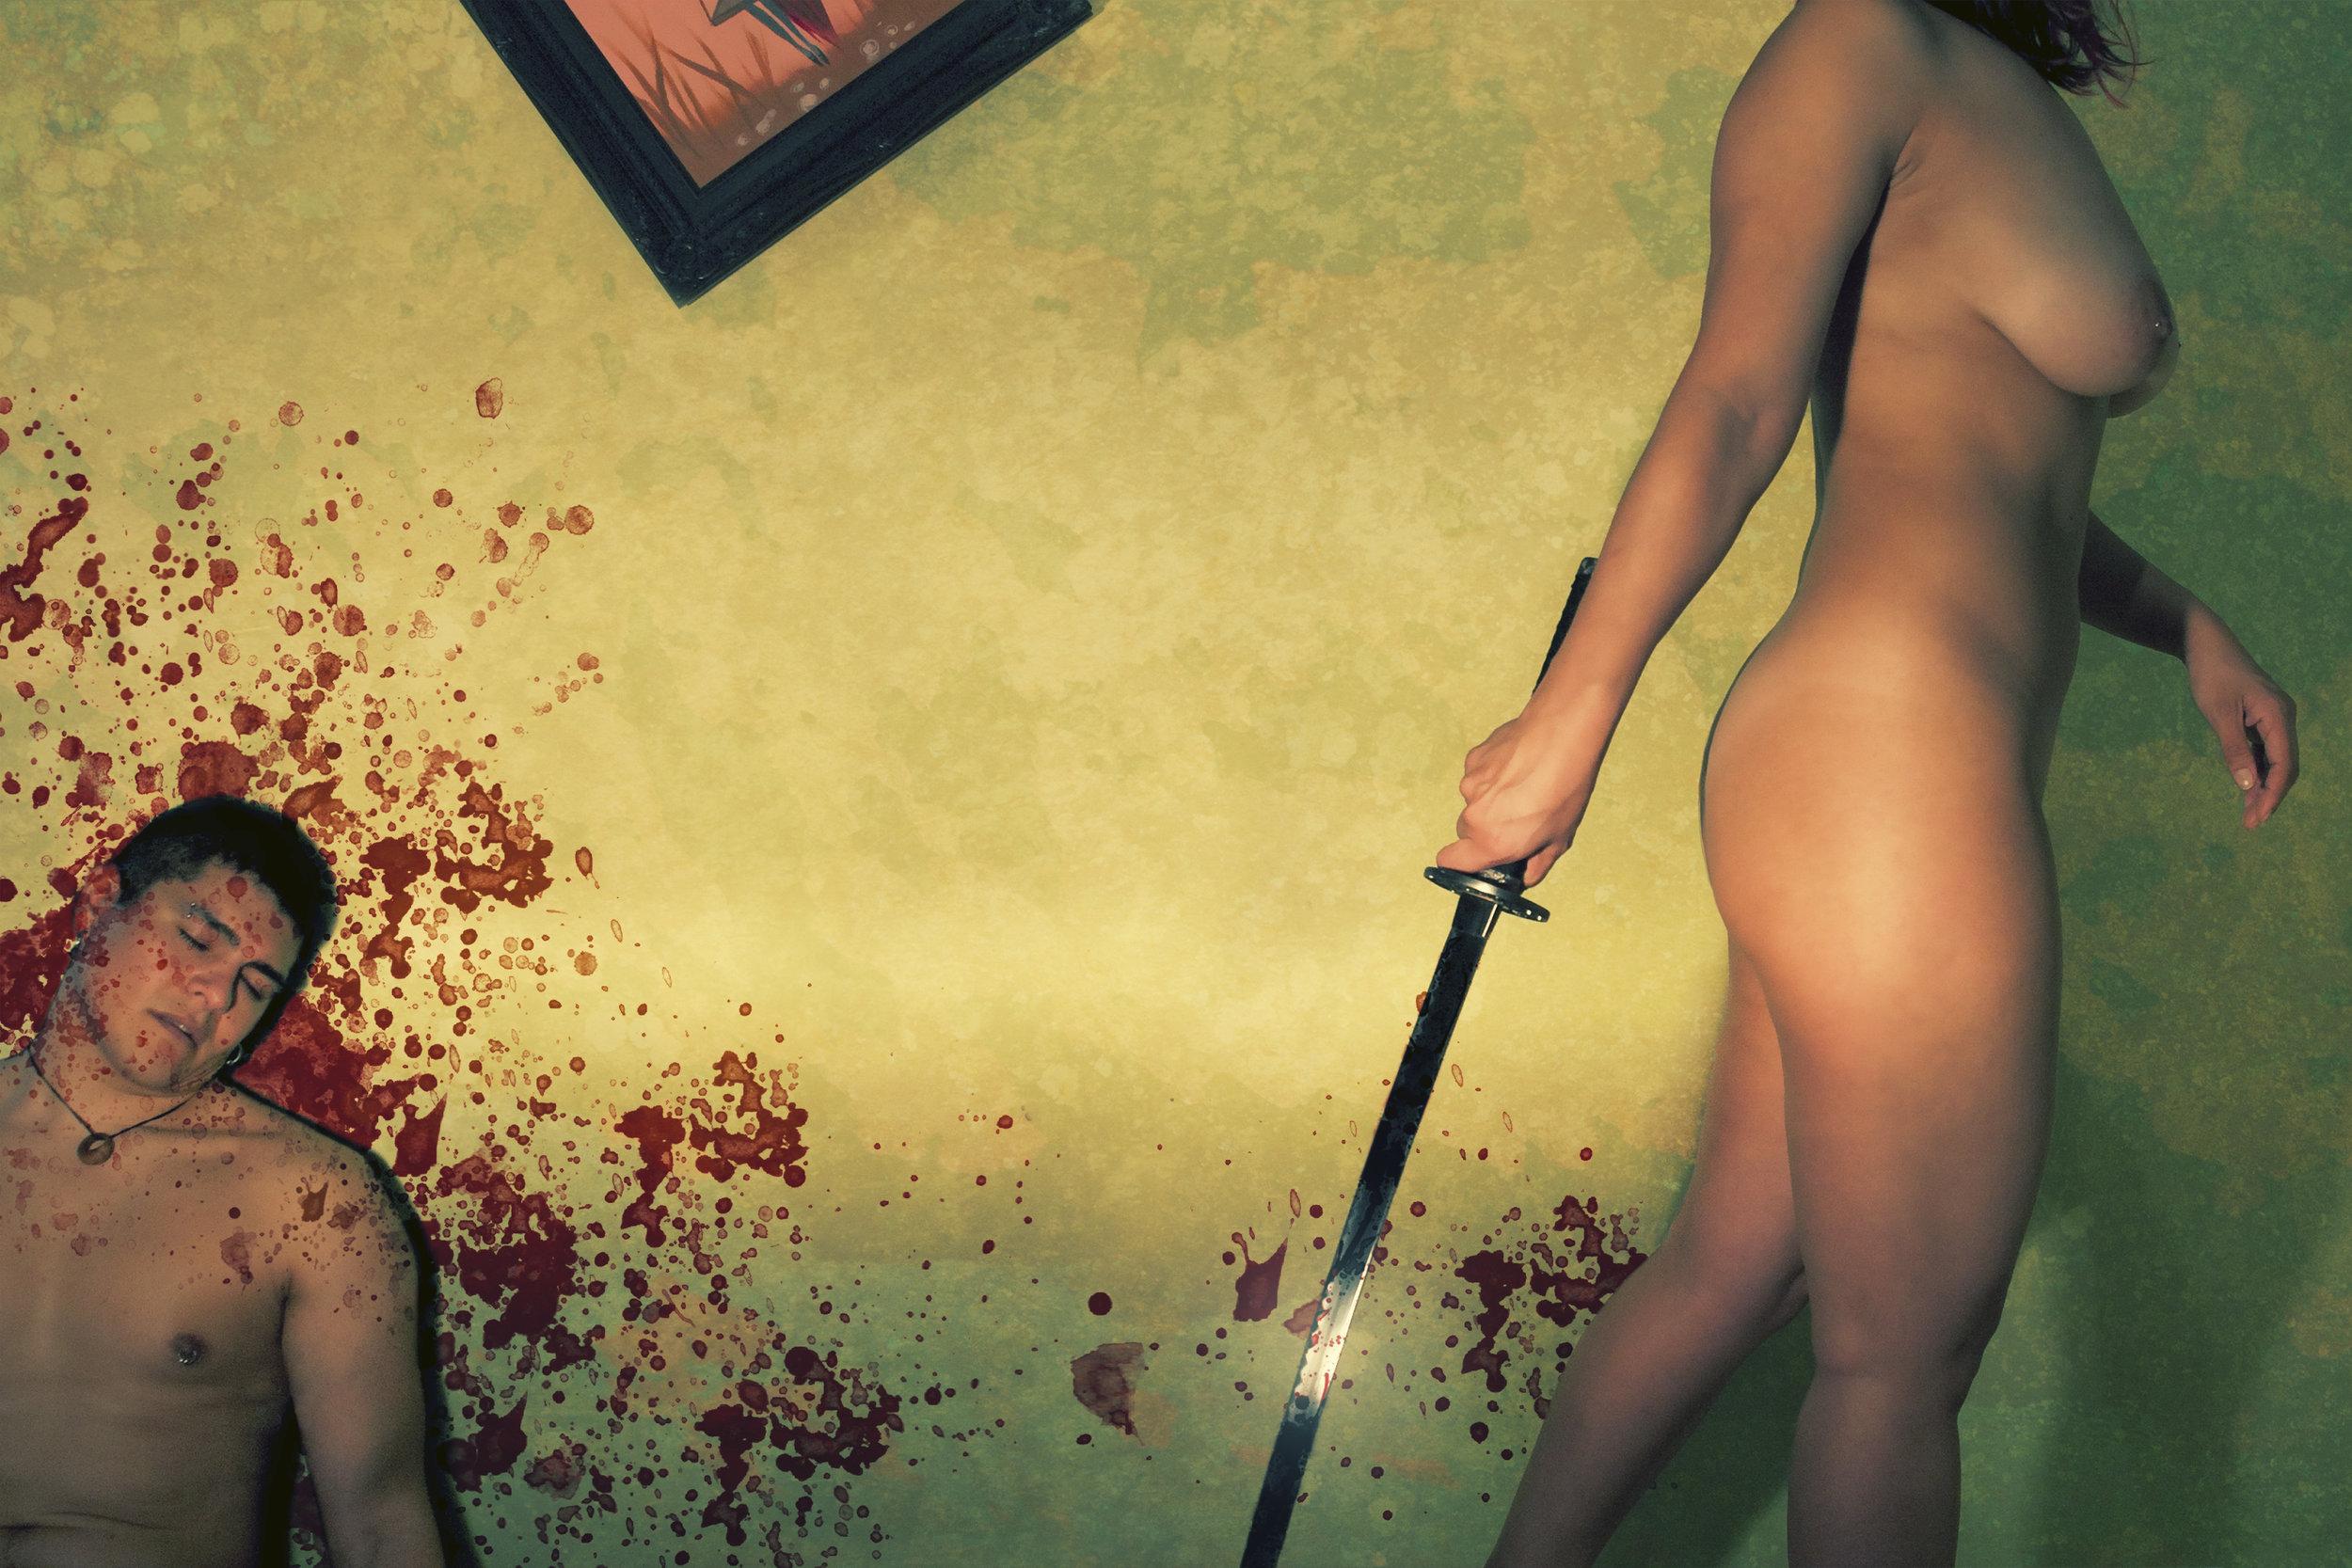 Jenn_kill_8x12.jpg